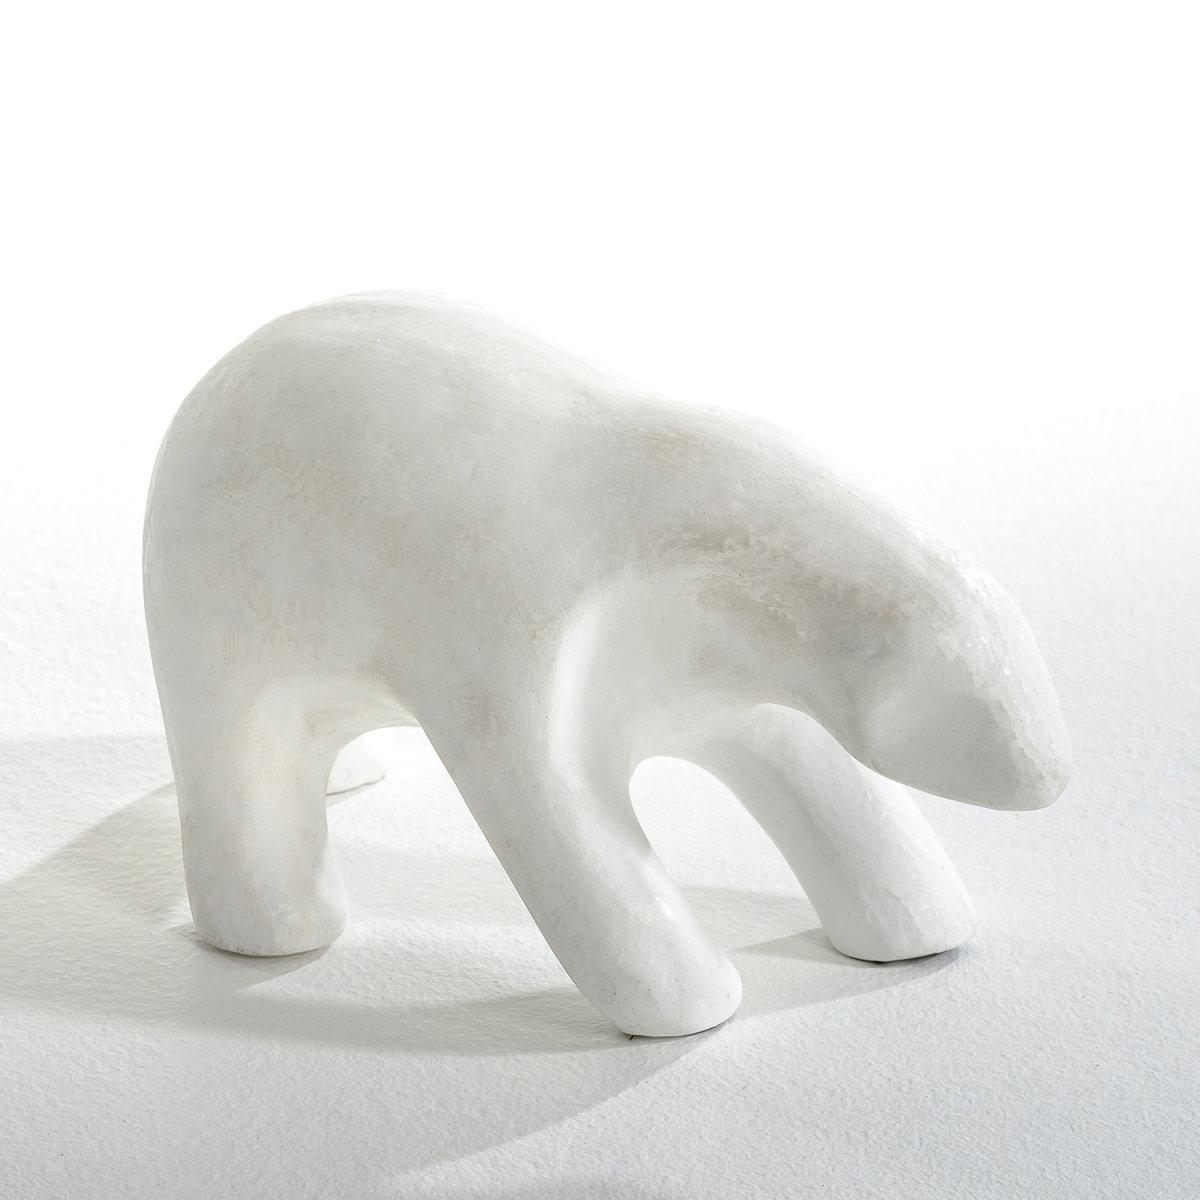 Медведь керамический NestorПолярный медведь из керамики. Идеально дополнит интерьер. Размеры: Длина ок. 25 см x шир. 11см x Выс. 14 см.<br><br>Цвет: белый